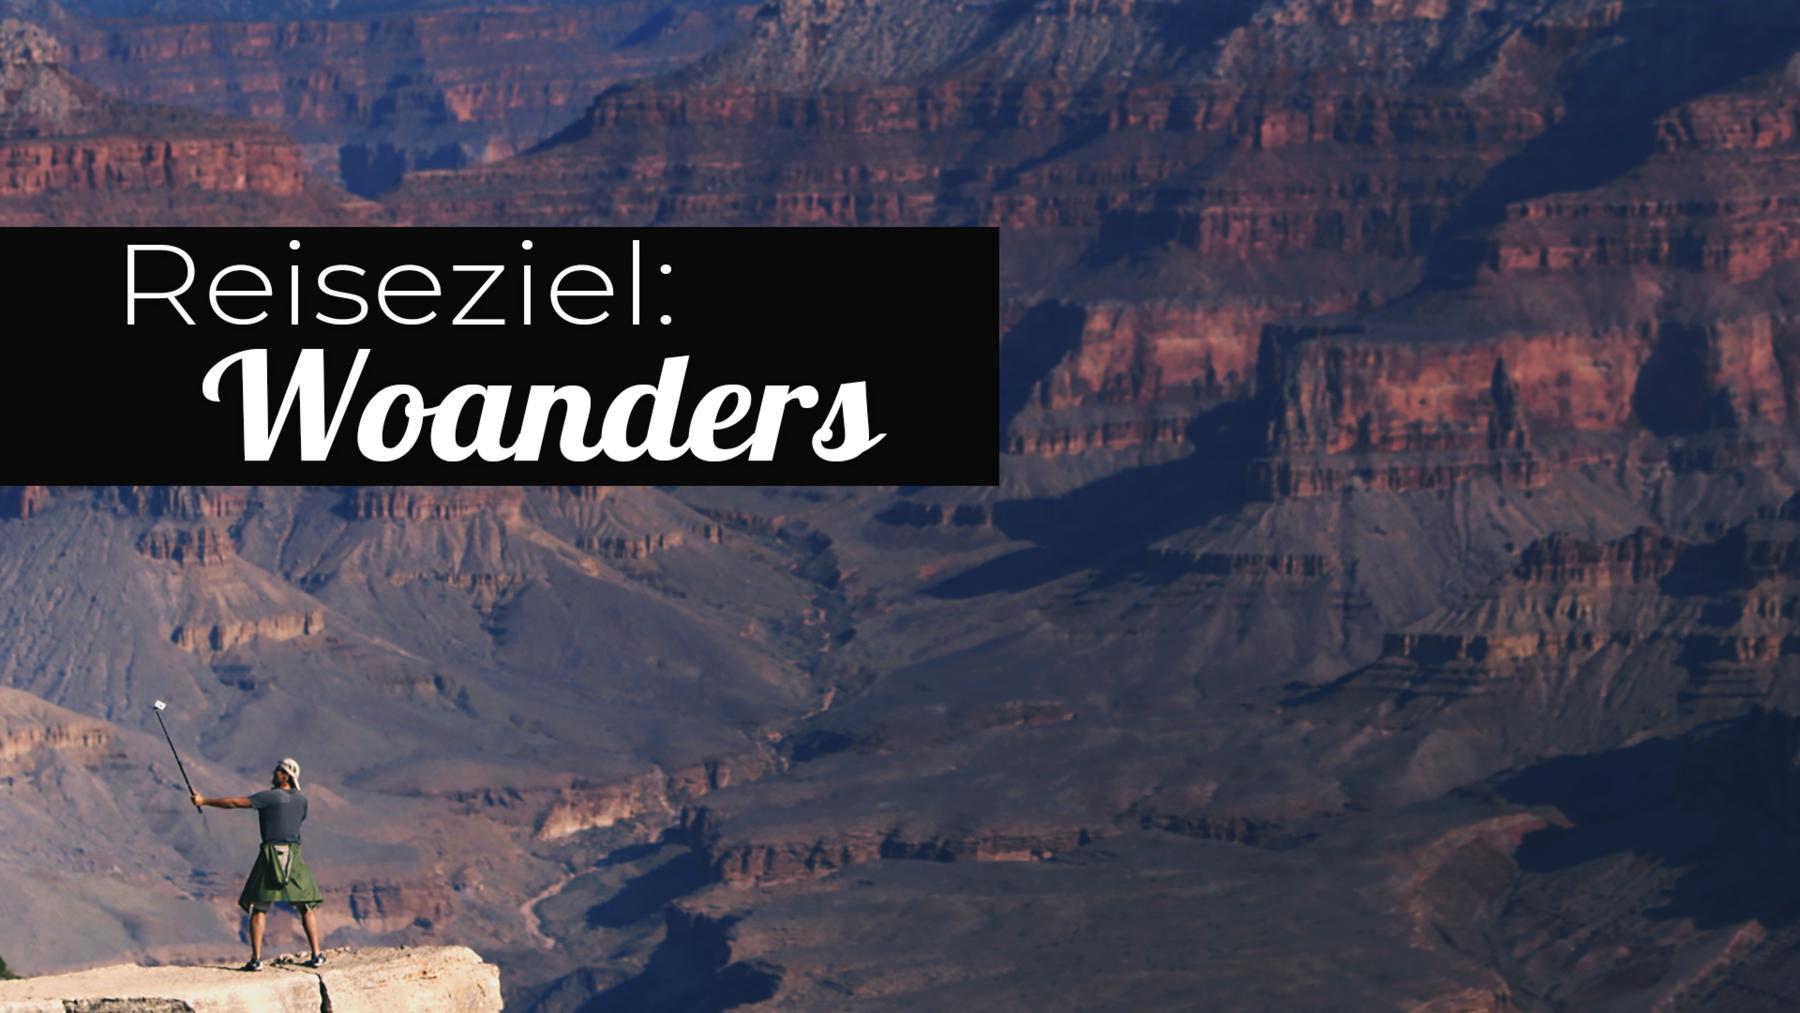 Reiseziel: Woanders